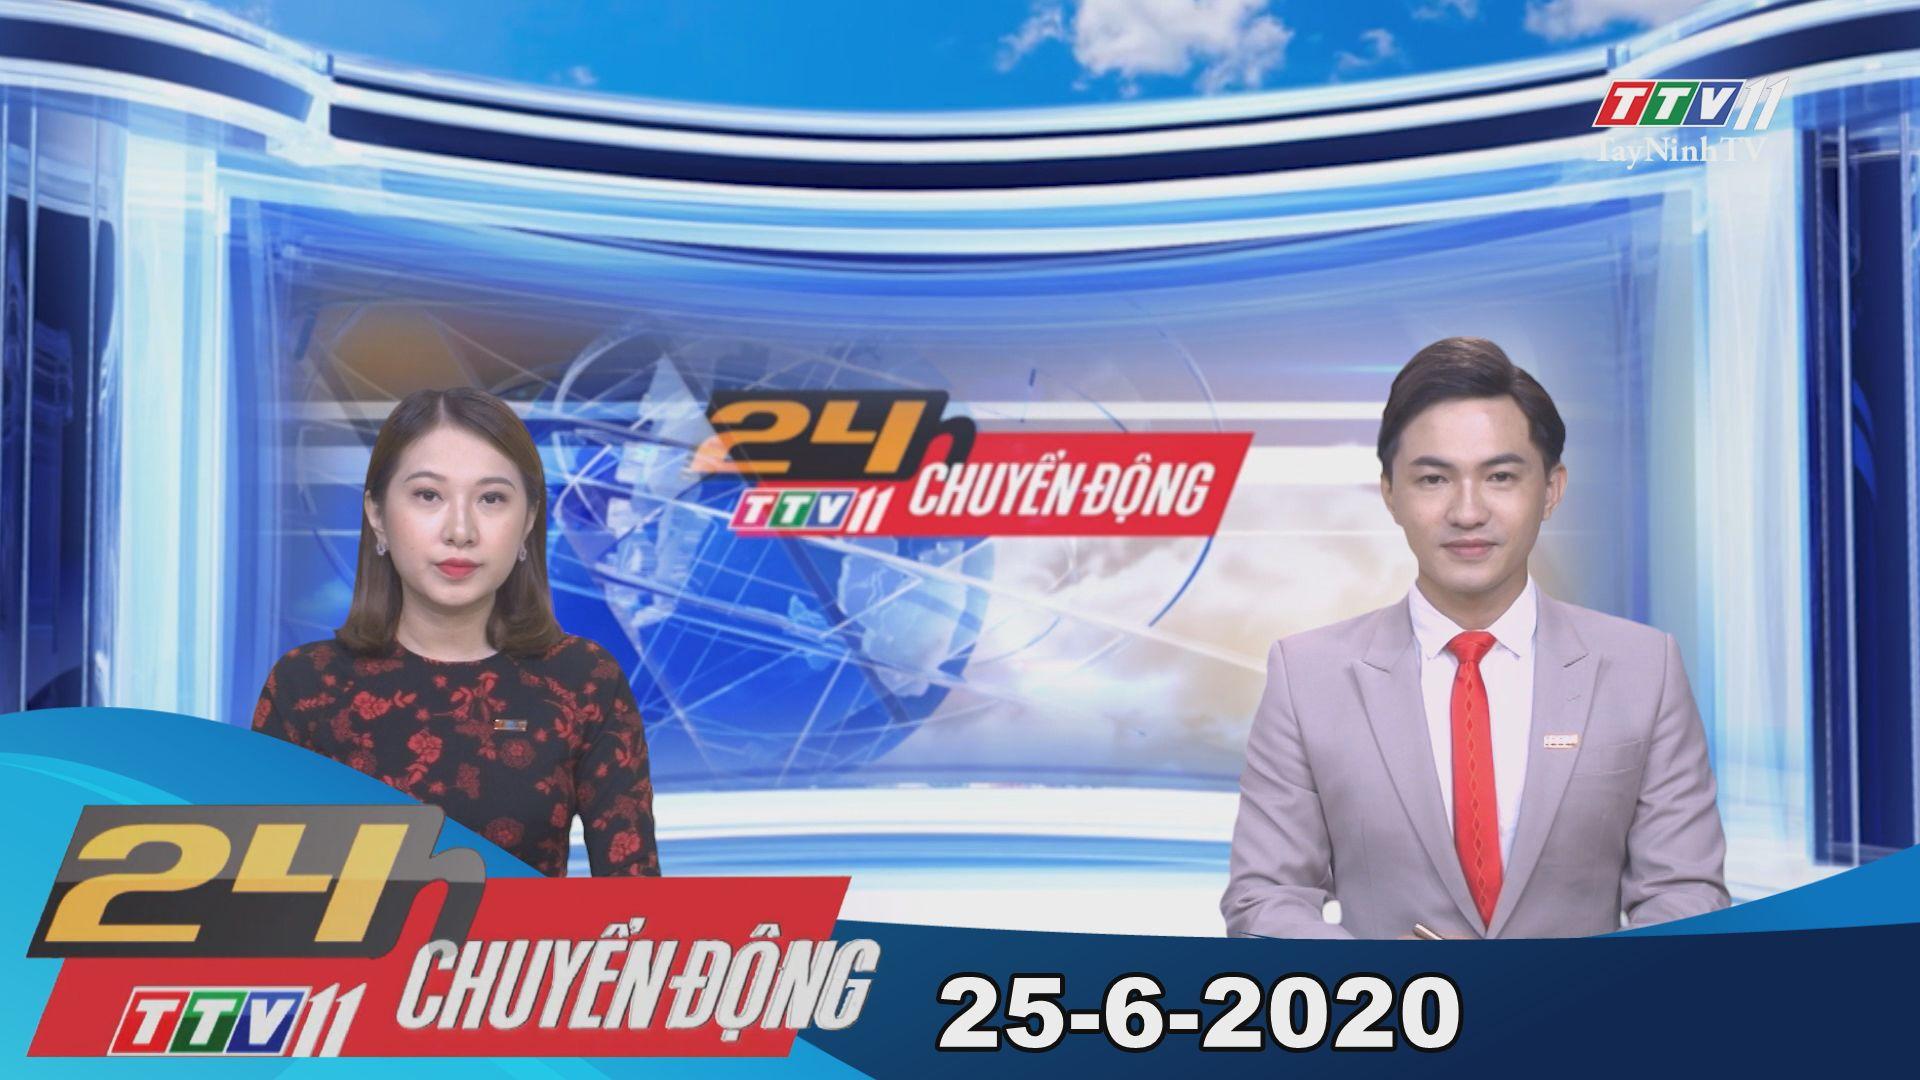 24h Chuyển động 25-6-2020   Tin tức hôm nay   TayNinhTV